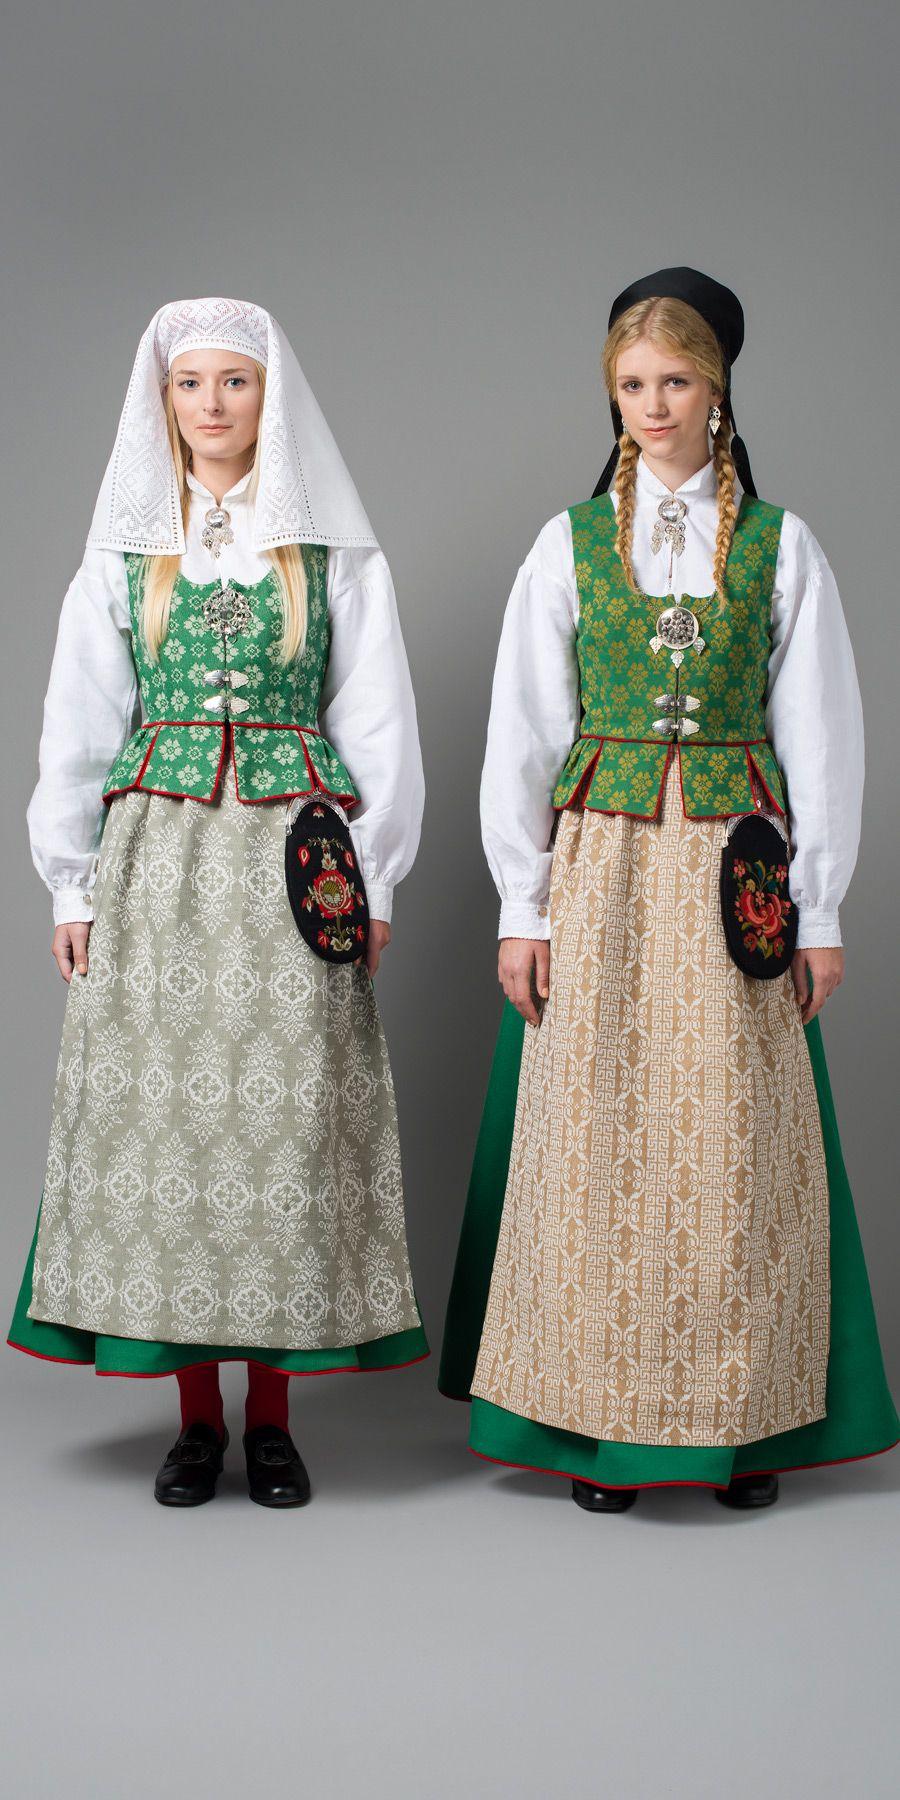 nettbutikk med kjoler sogn og fjordane